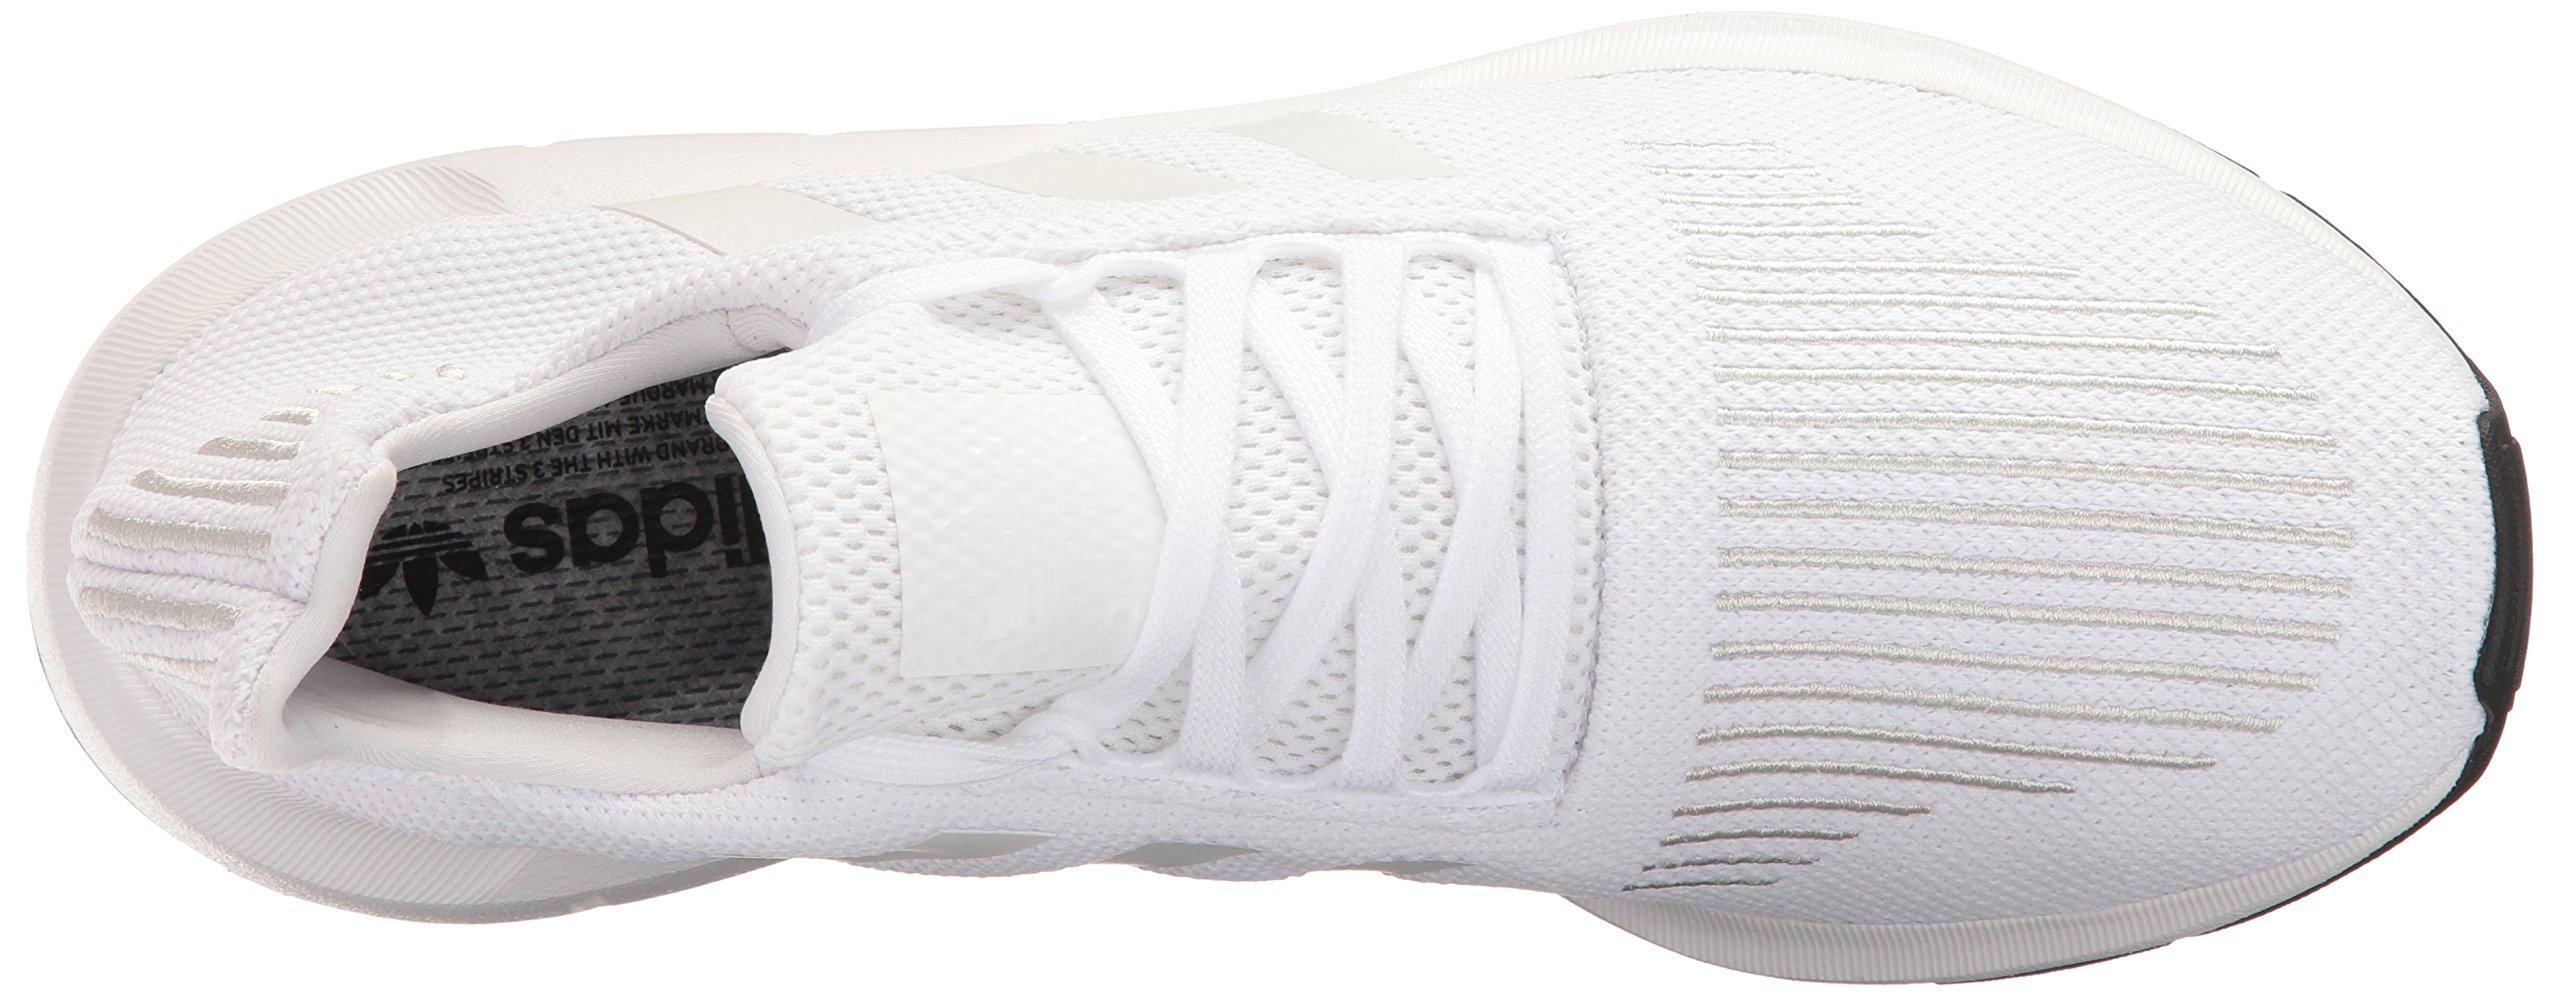 37c2428b17a82 adidas Originals Men s SWIFT RUN Shoes